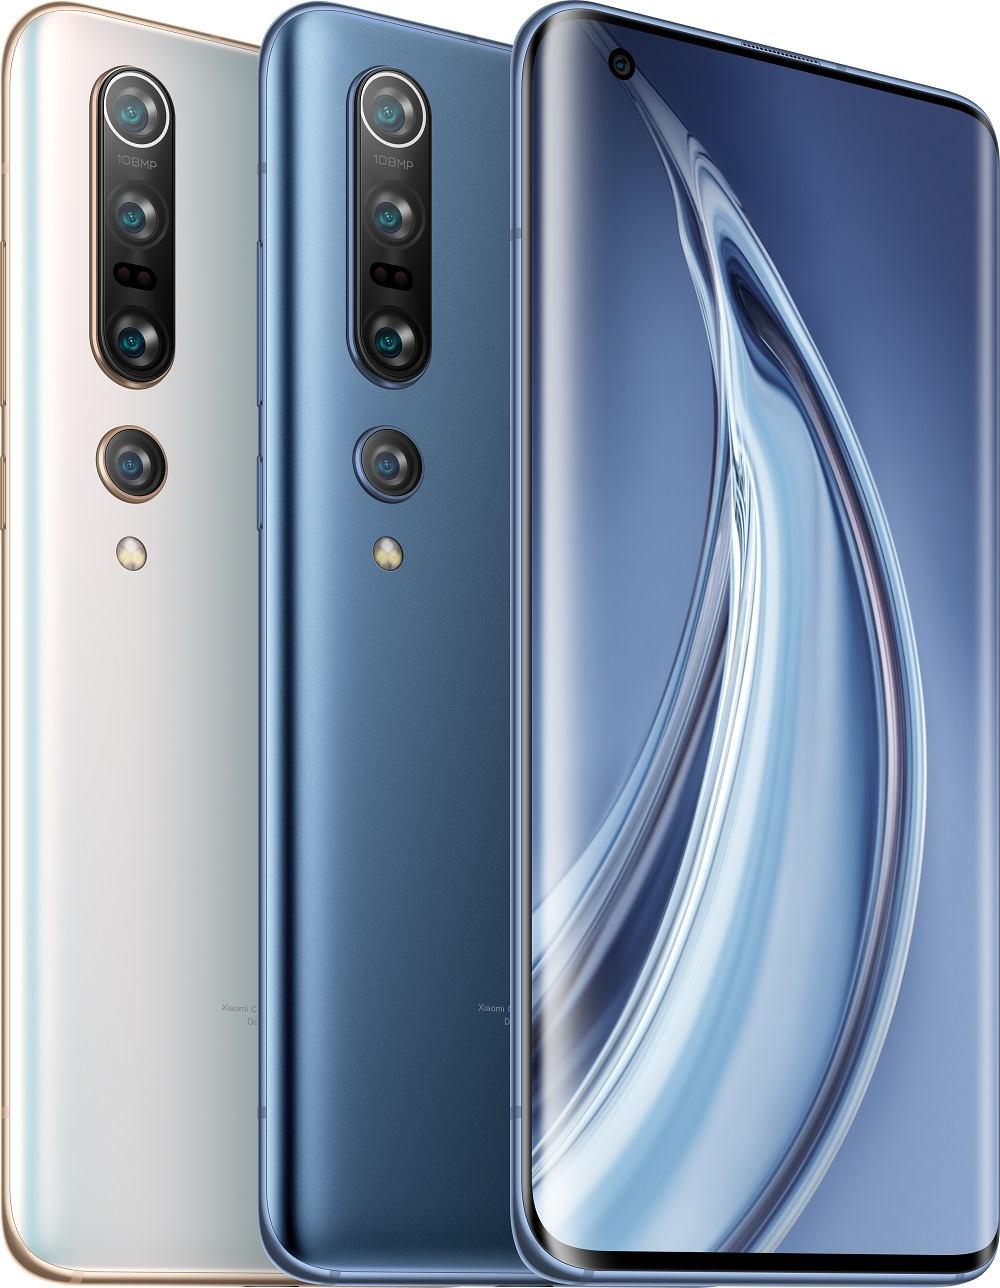 Xiaomi Mi 10, Mi 10 Pro y Mi 10 Lite 5G: especificaciones, disponibilidad y precios 37